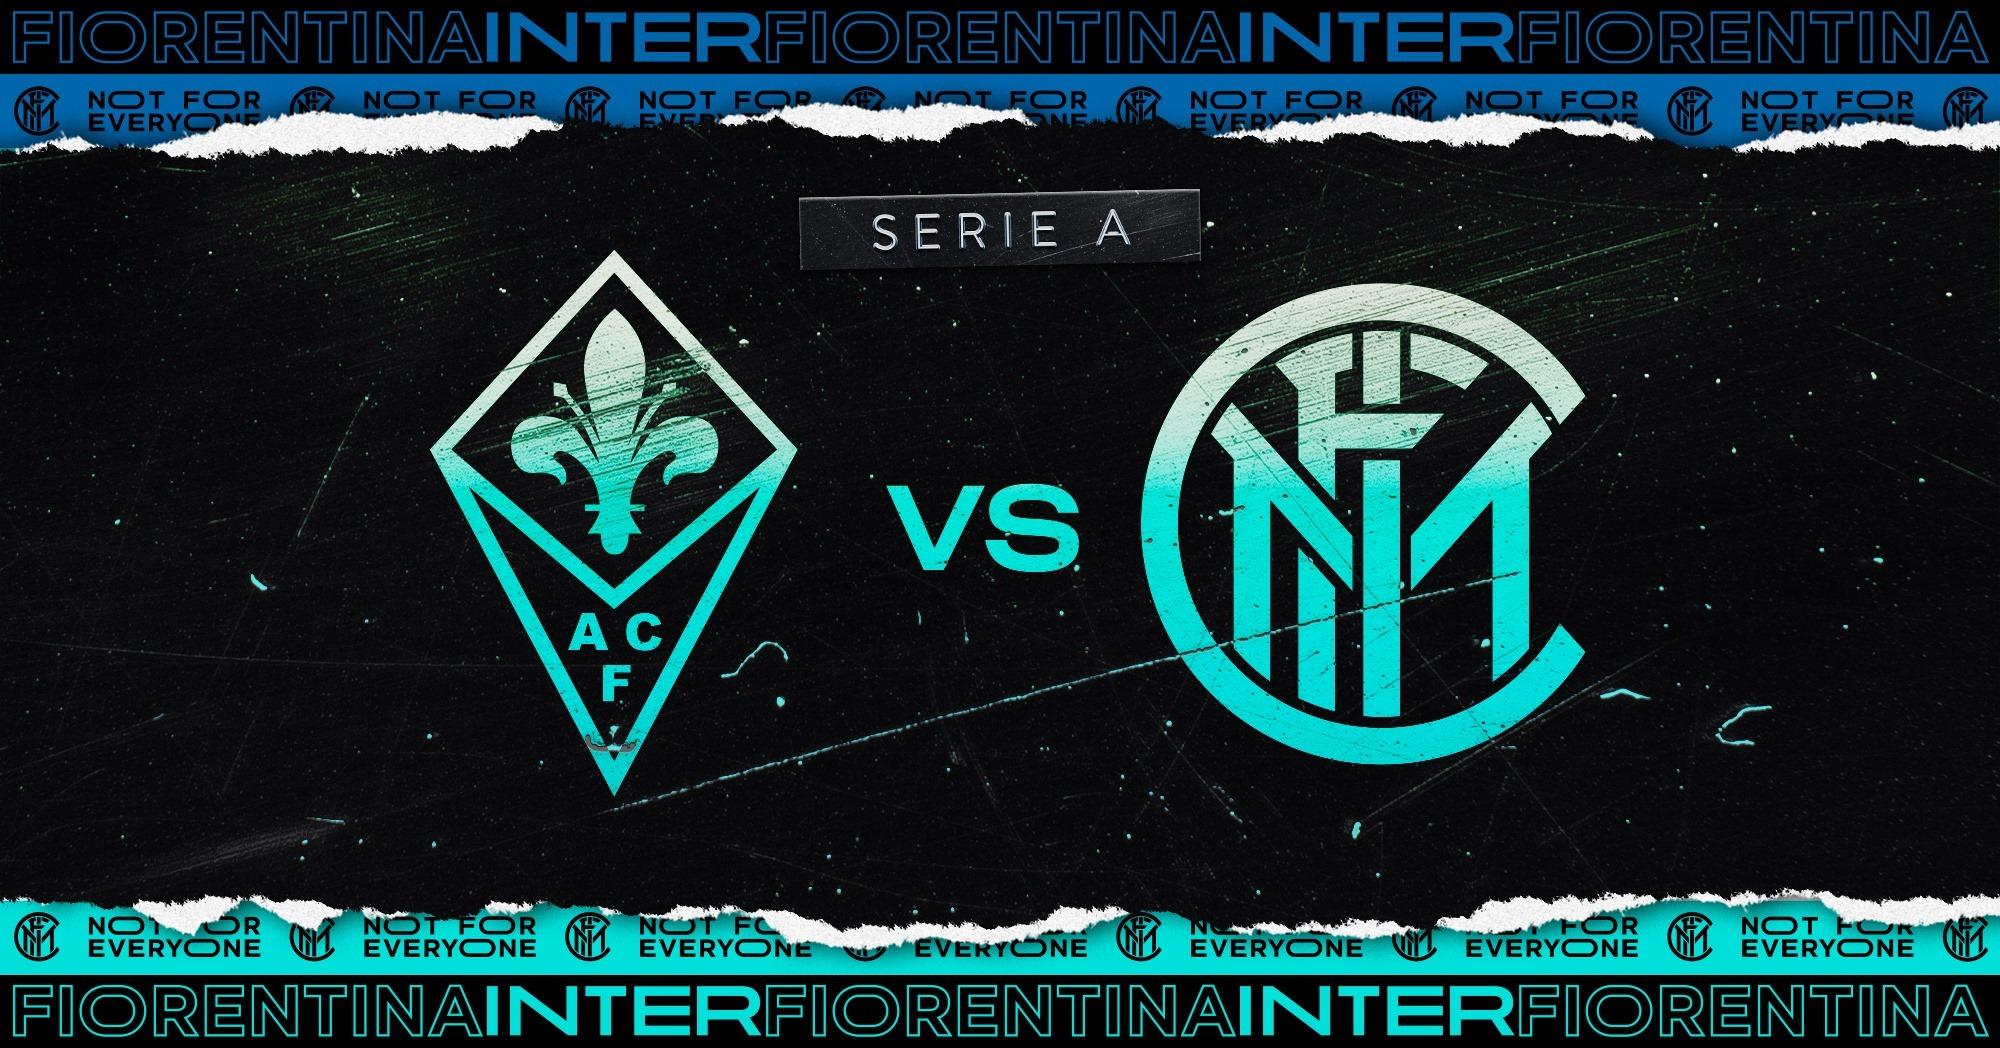 Domani sera, presso lo Stadio Artemio Franchi di Firenze, alle ore 20:45, si disputerà Torino – Fiorentina, per la16^ giornata di Serie A.